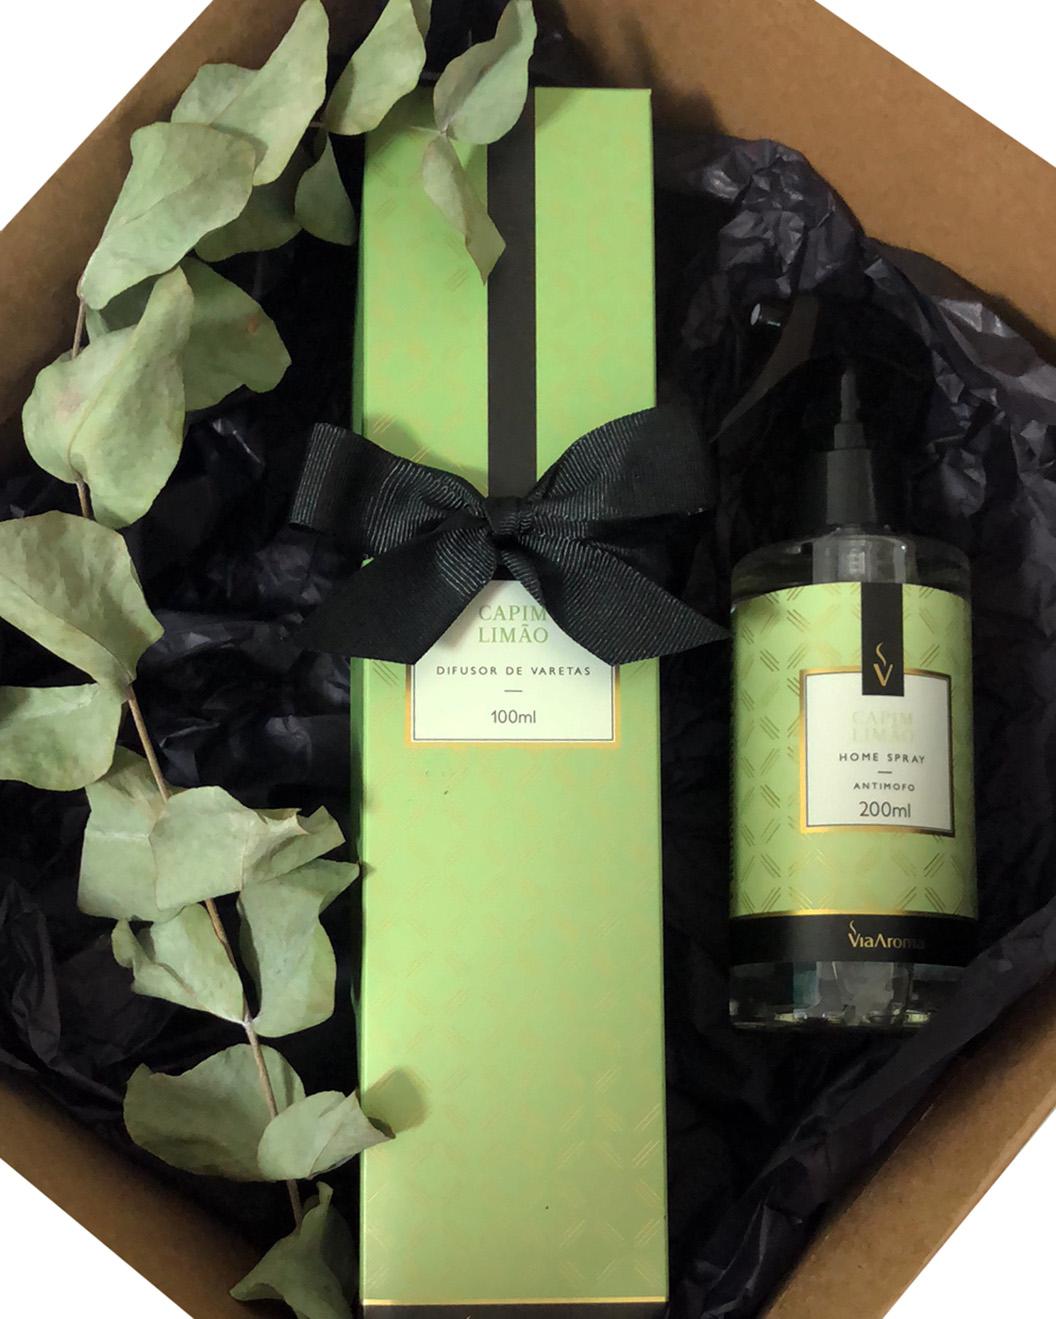 Kit Presente Aroma Casa com Difusor